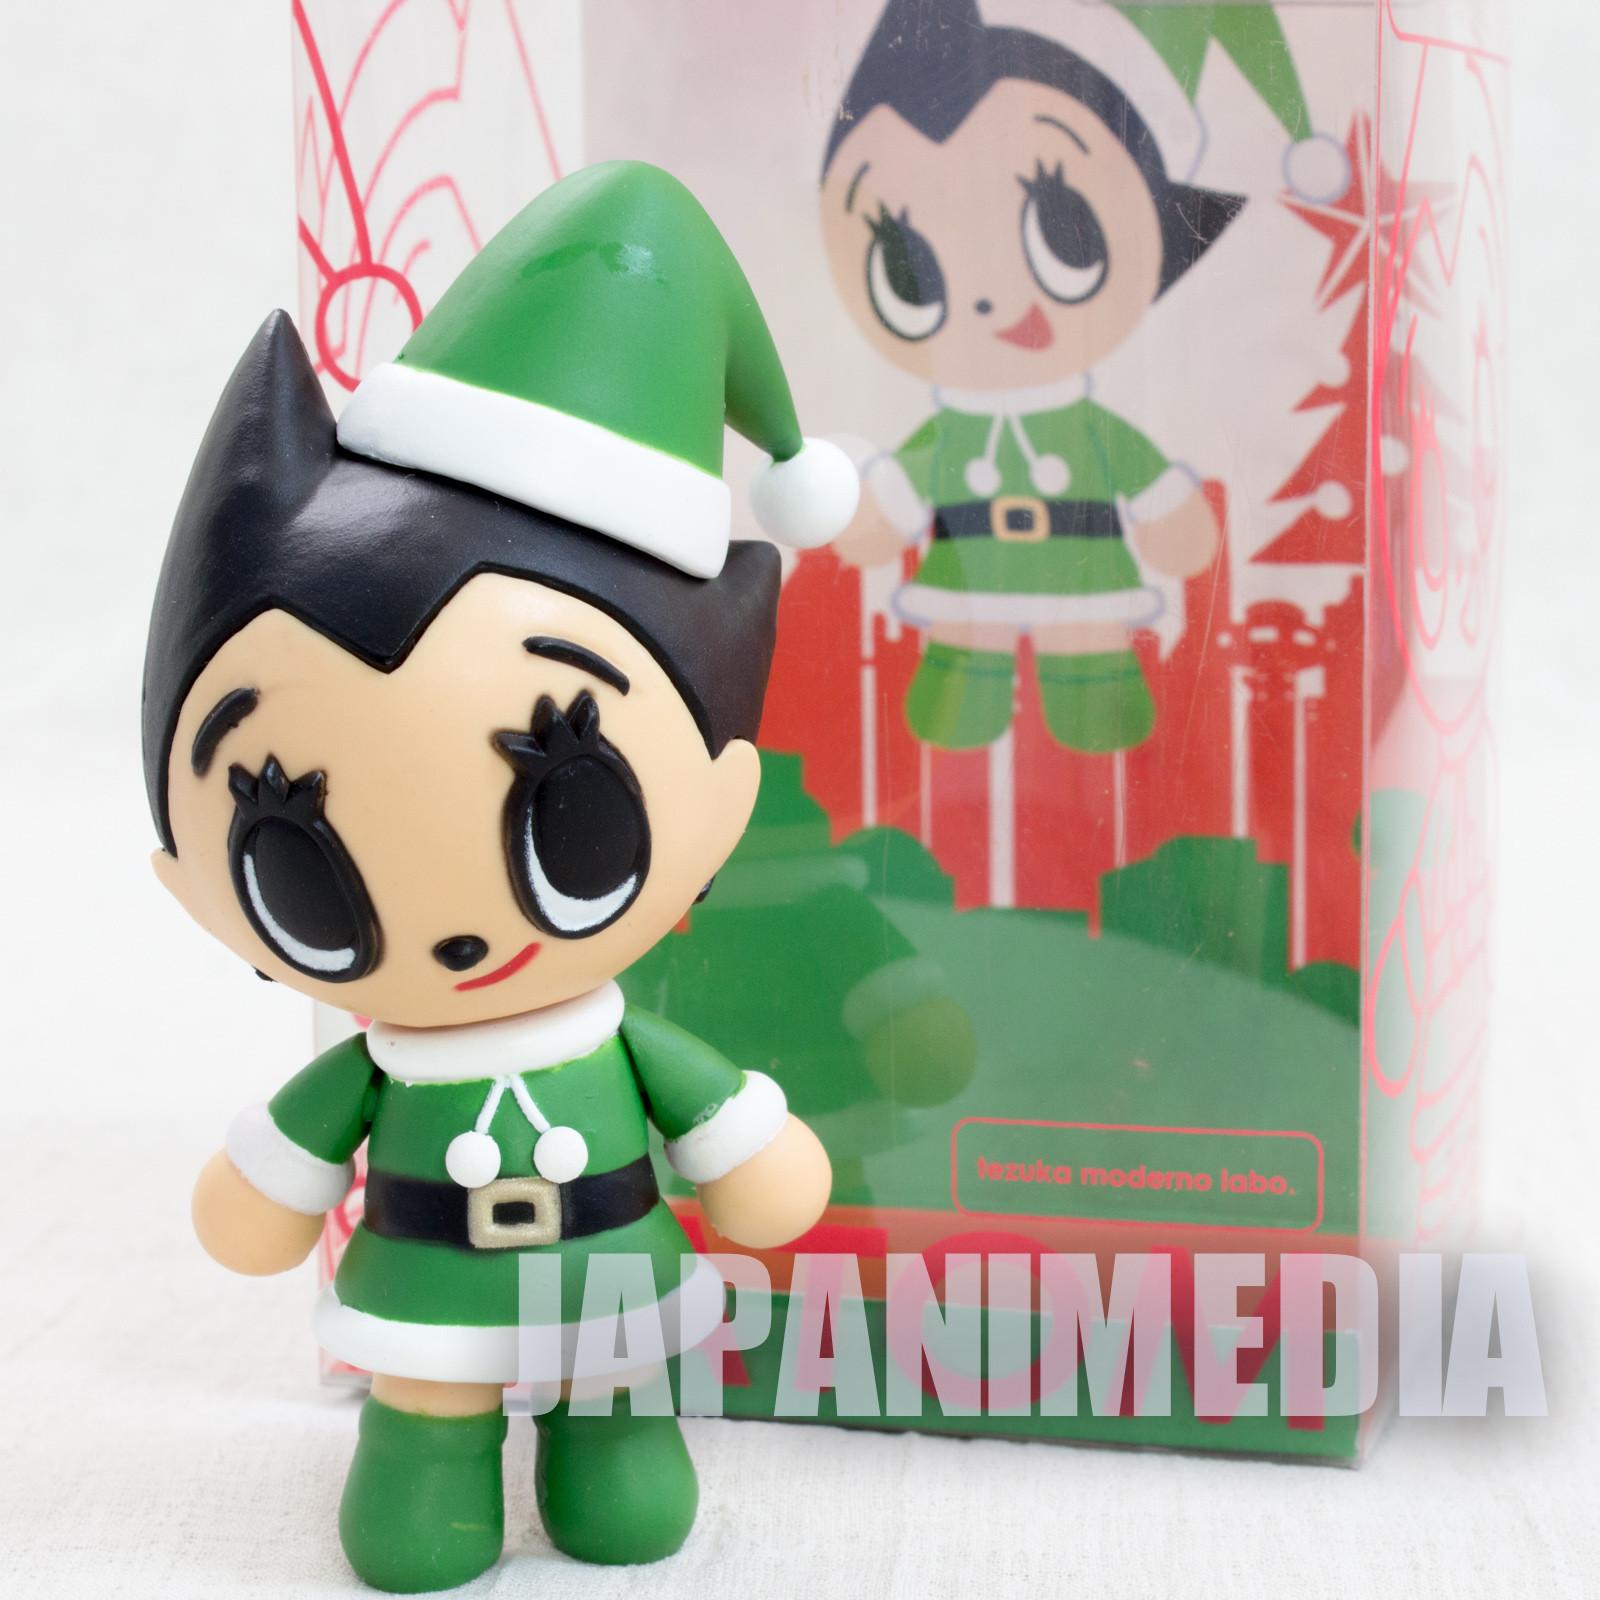 Astro Boy Atom Green Santa Moderno Labo Figure Tezuka Osamu Organic JAPAN